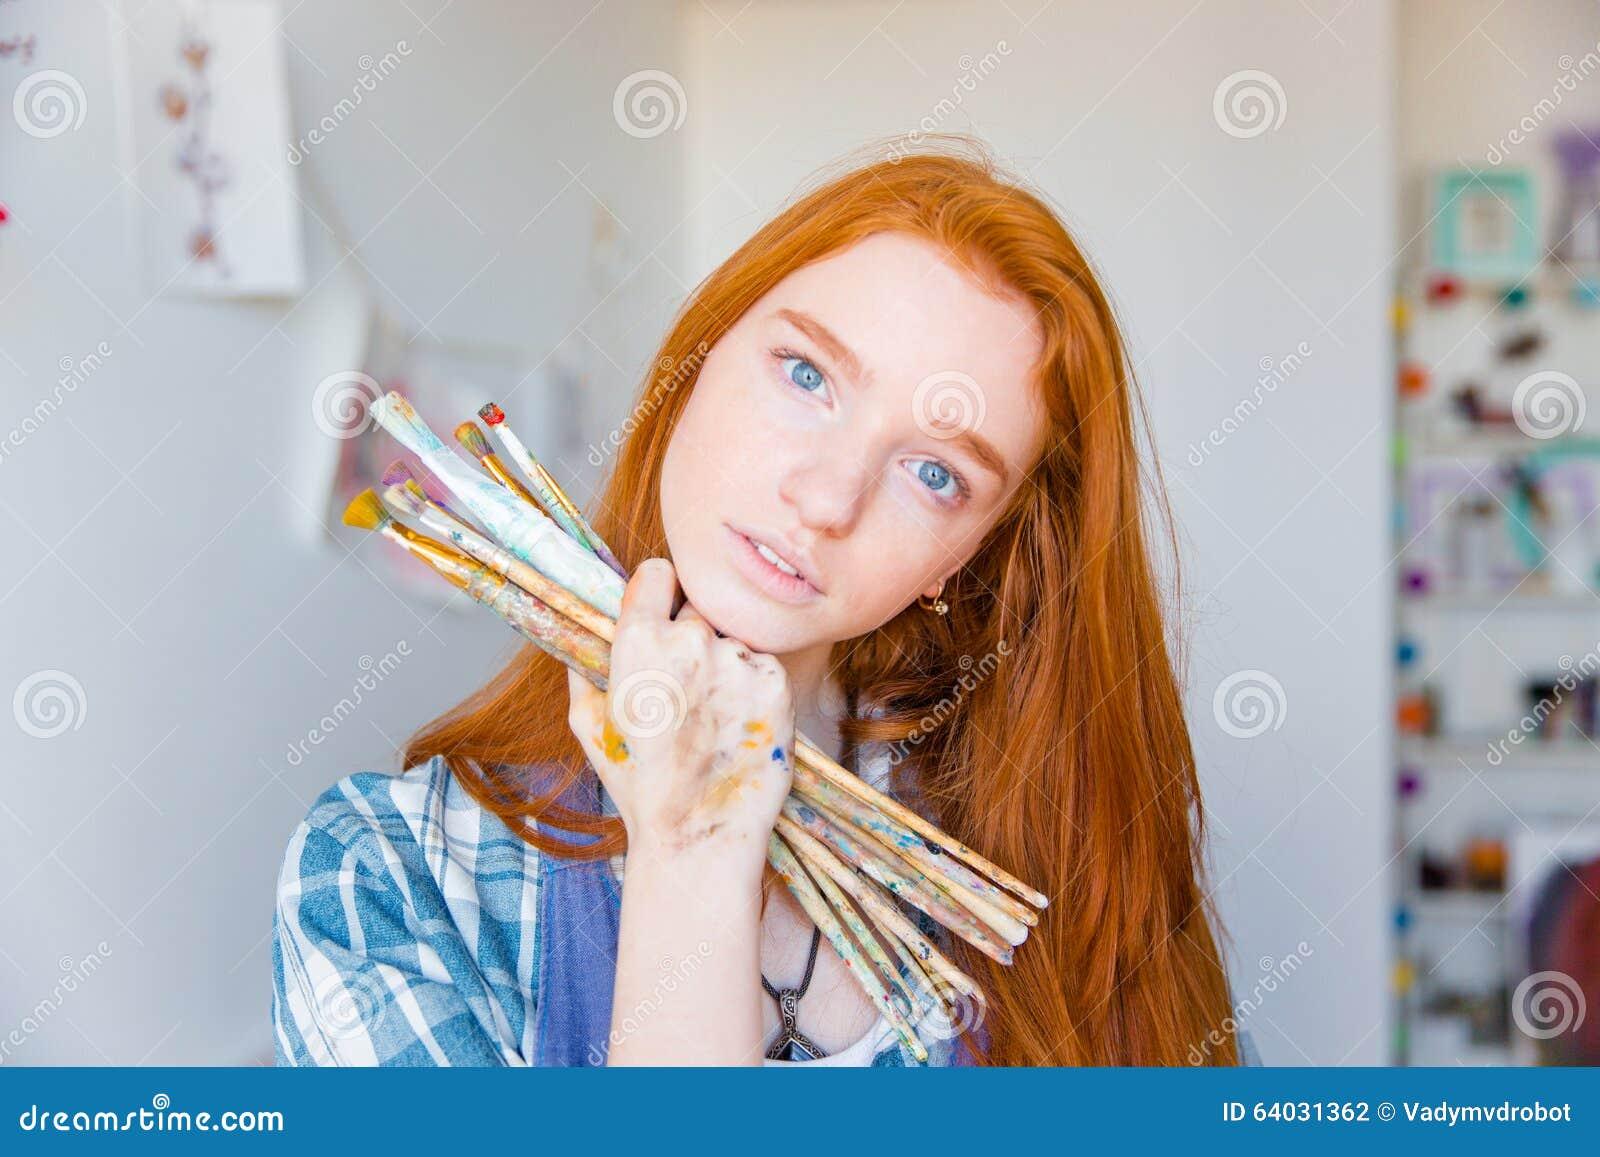 Schöner nachdenklicher Maler der jungen Frau, der Malerpinsel im Kunststudio hält